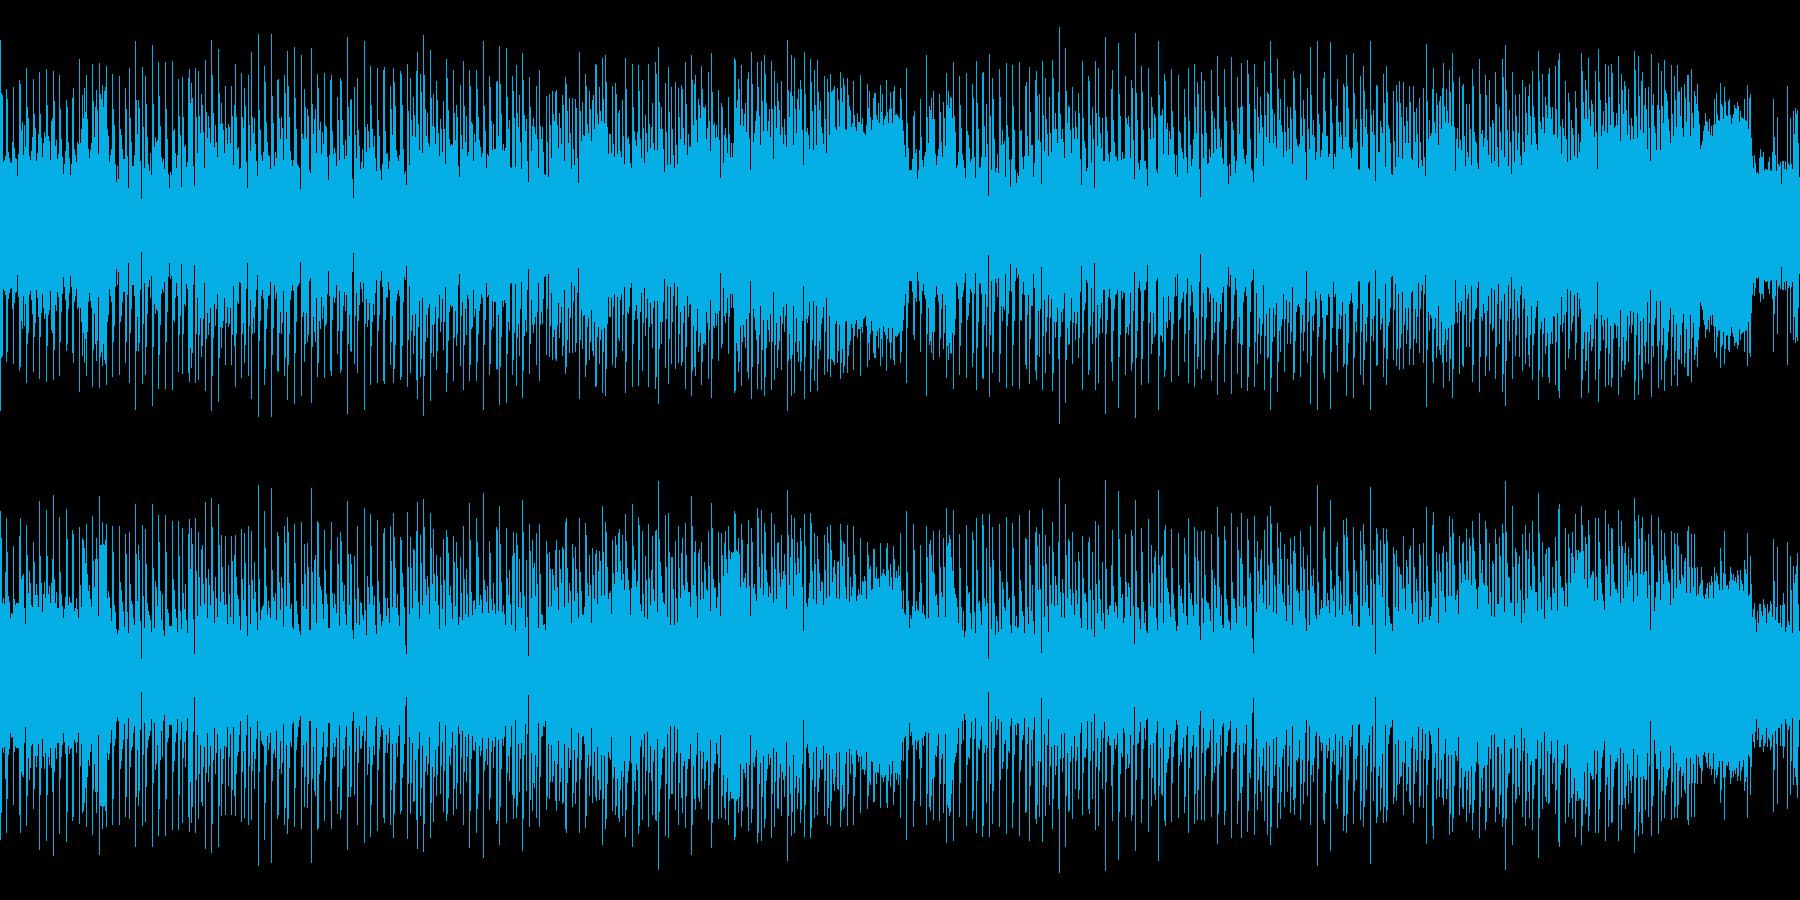 ループ・レトロゲーム風センチメンタルな曲の再生済みの波形